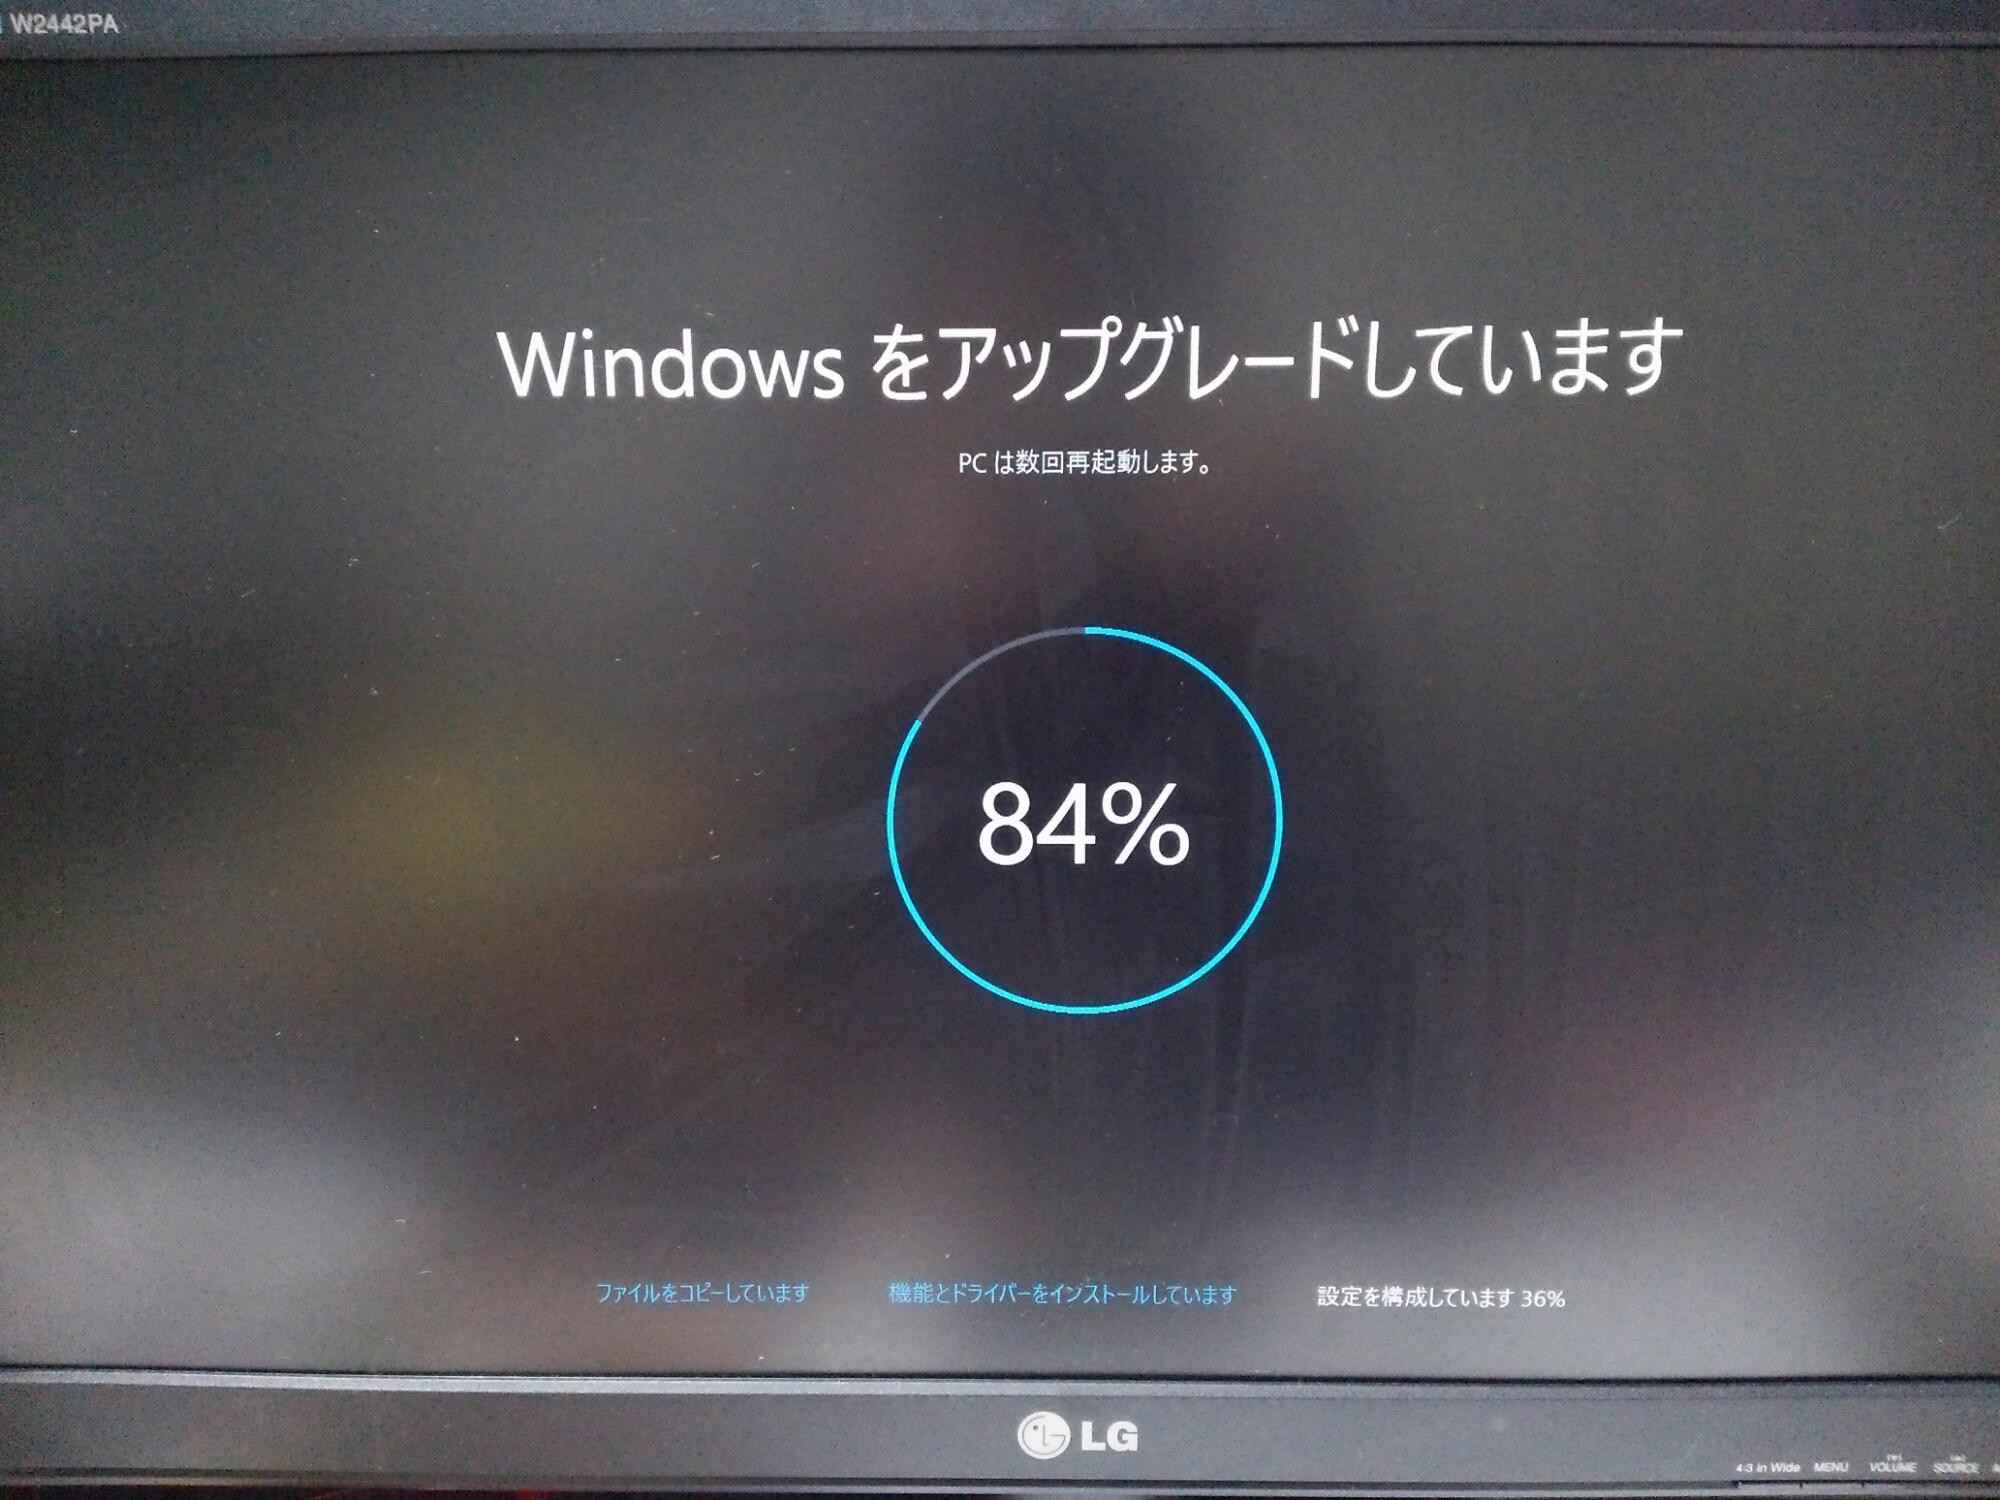 Windows10を応援しています